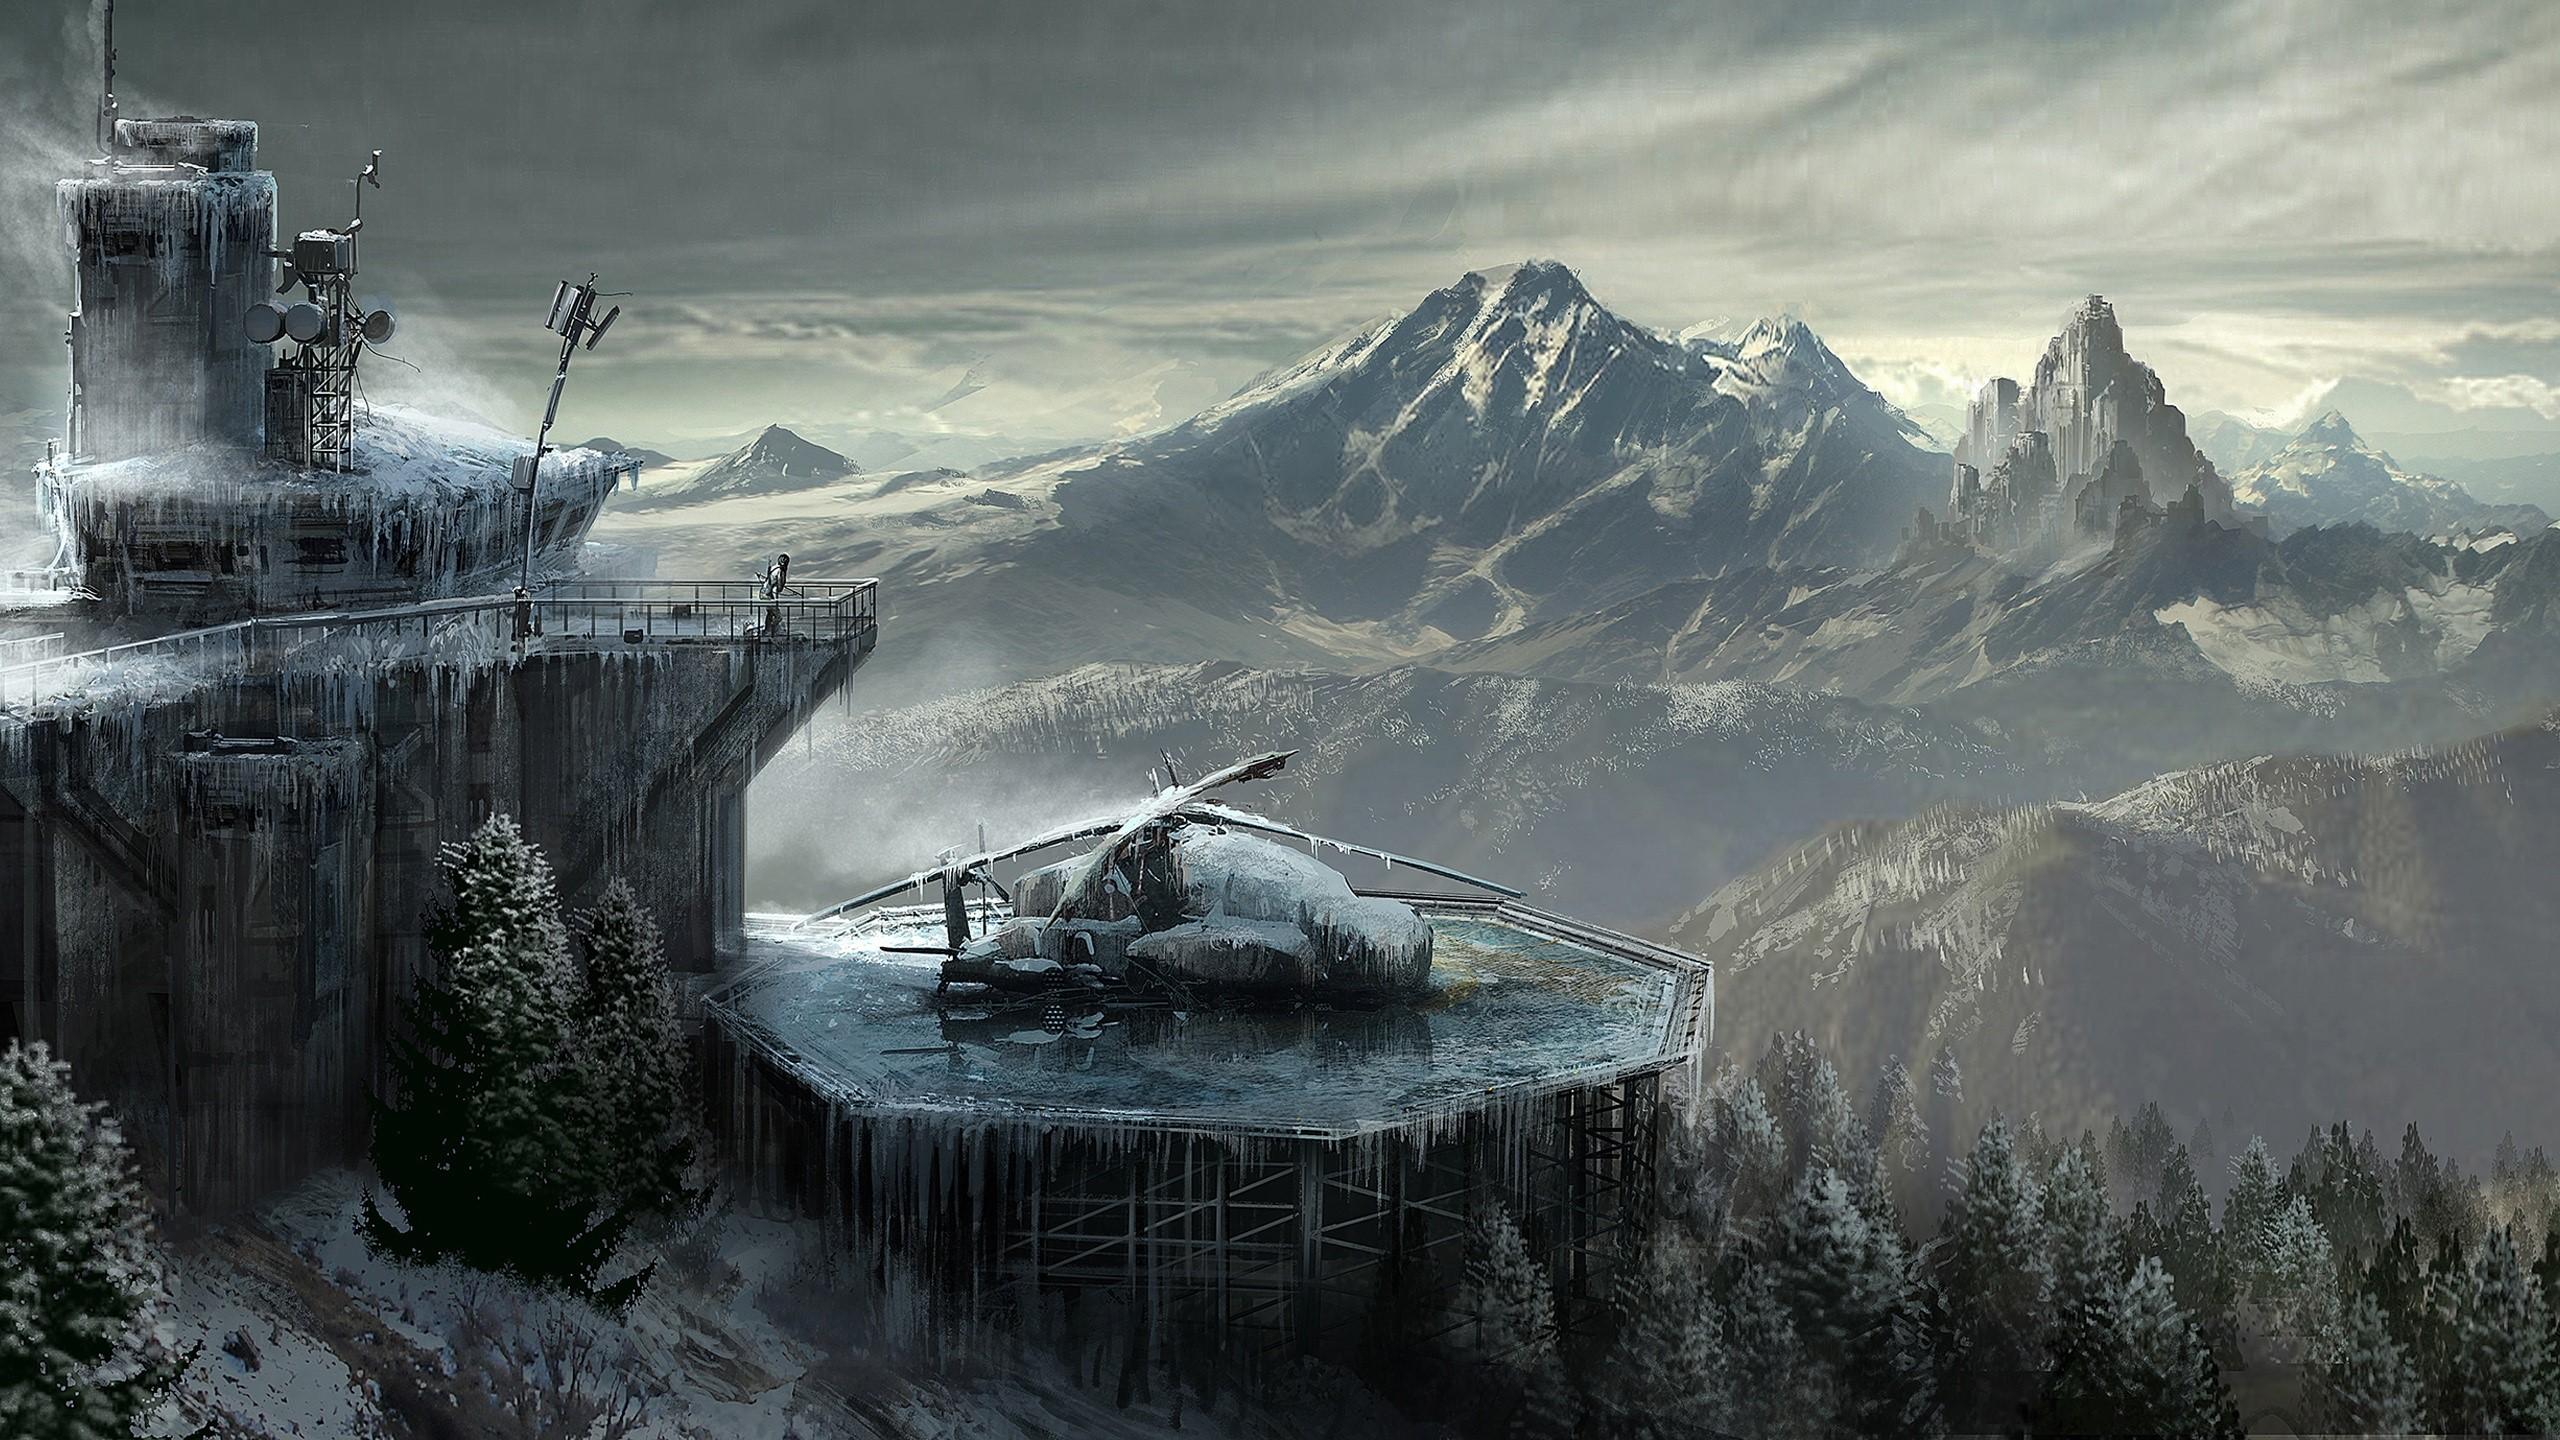 Fondo de pantalla de Dibujo de Rise Of The Tomb Raider Imágenes